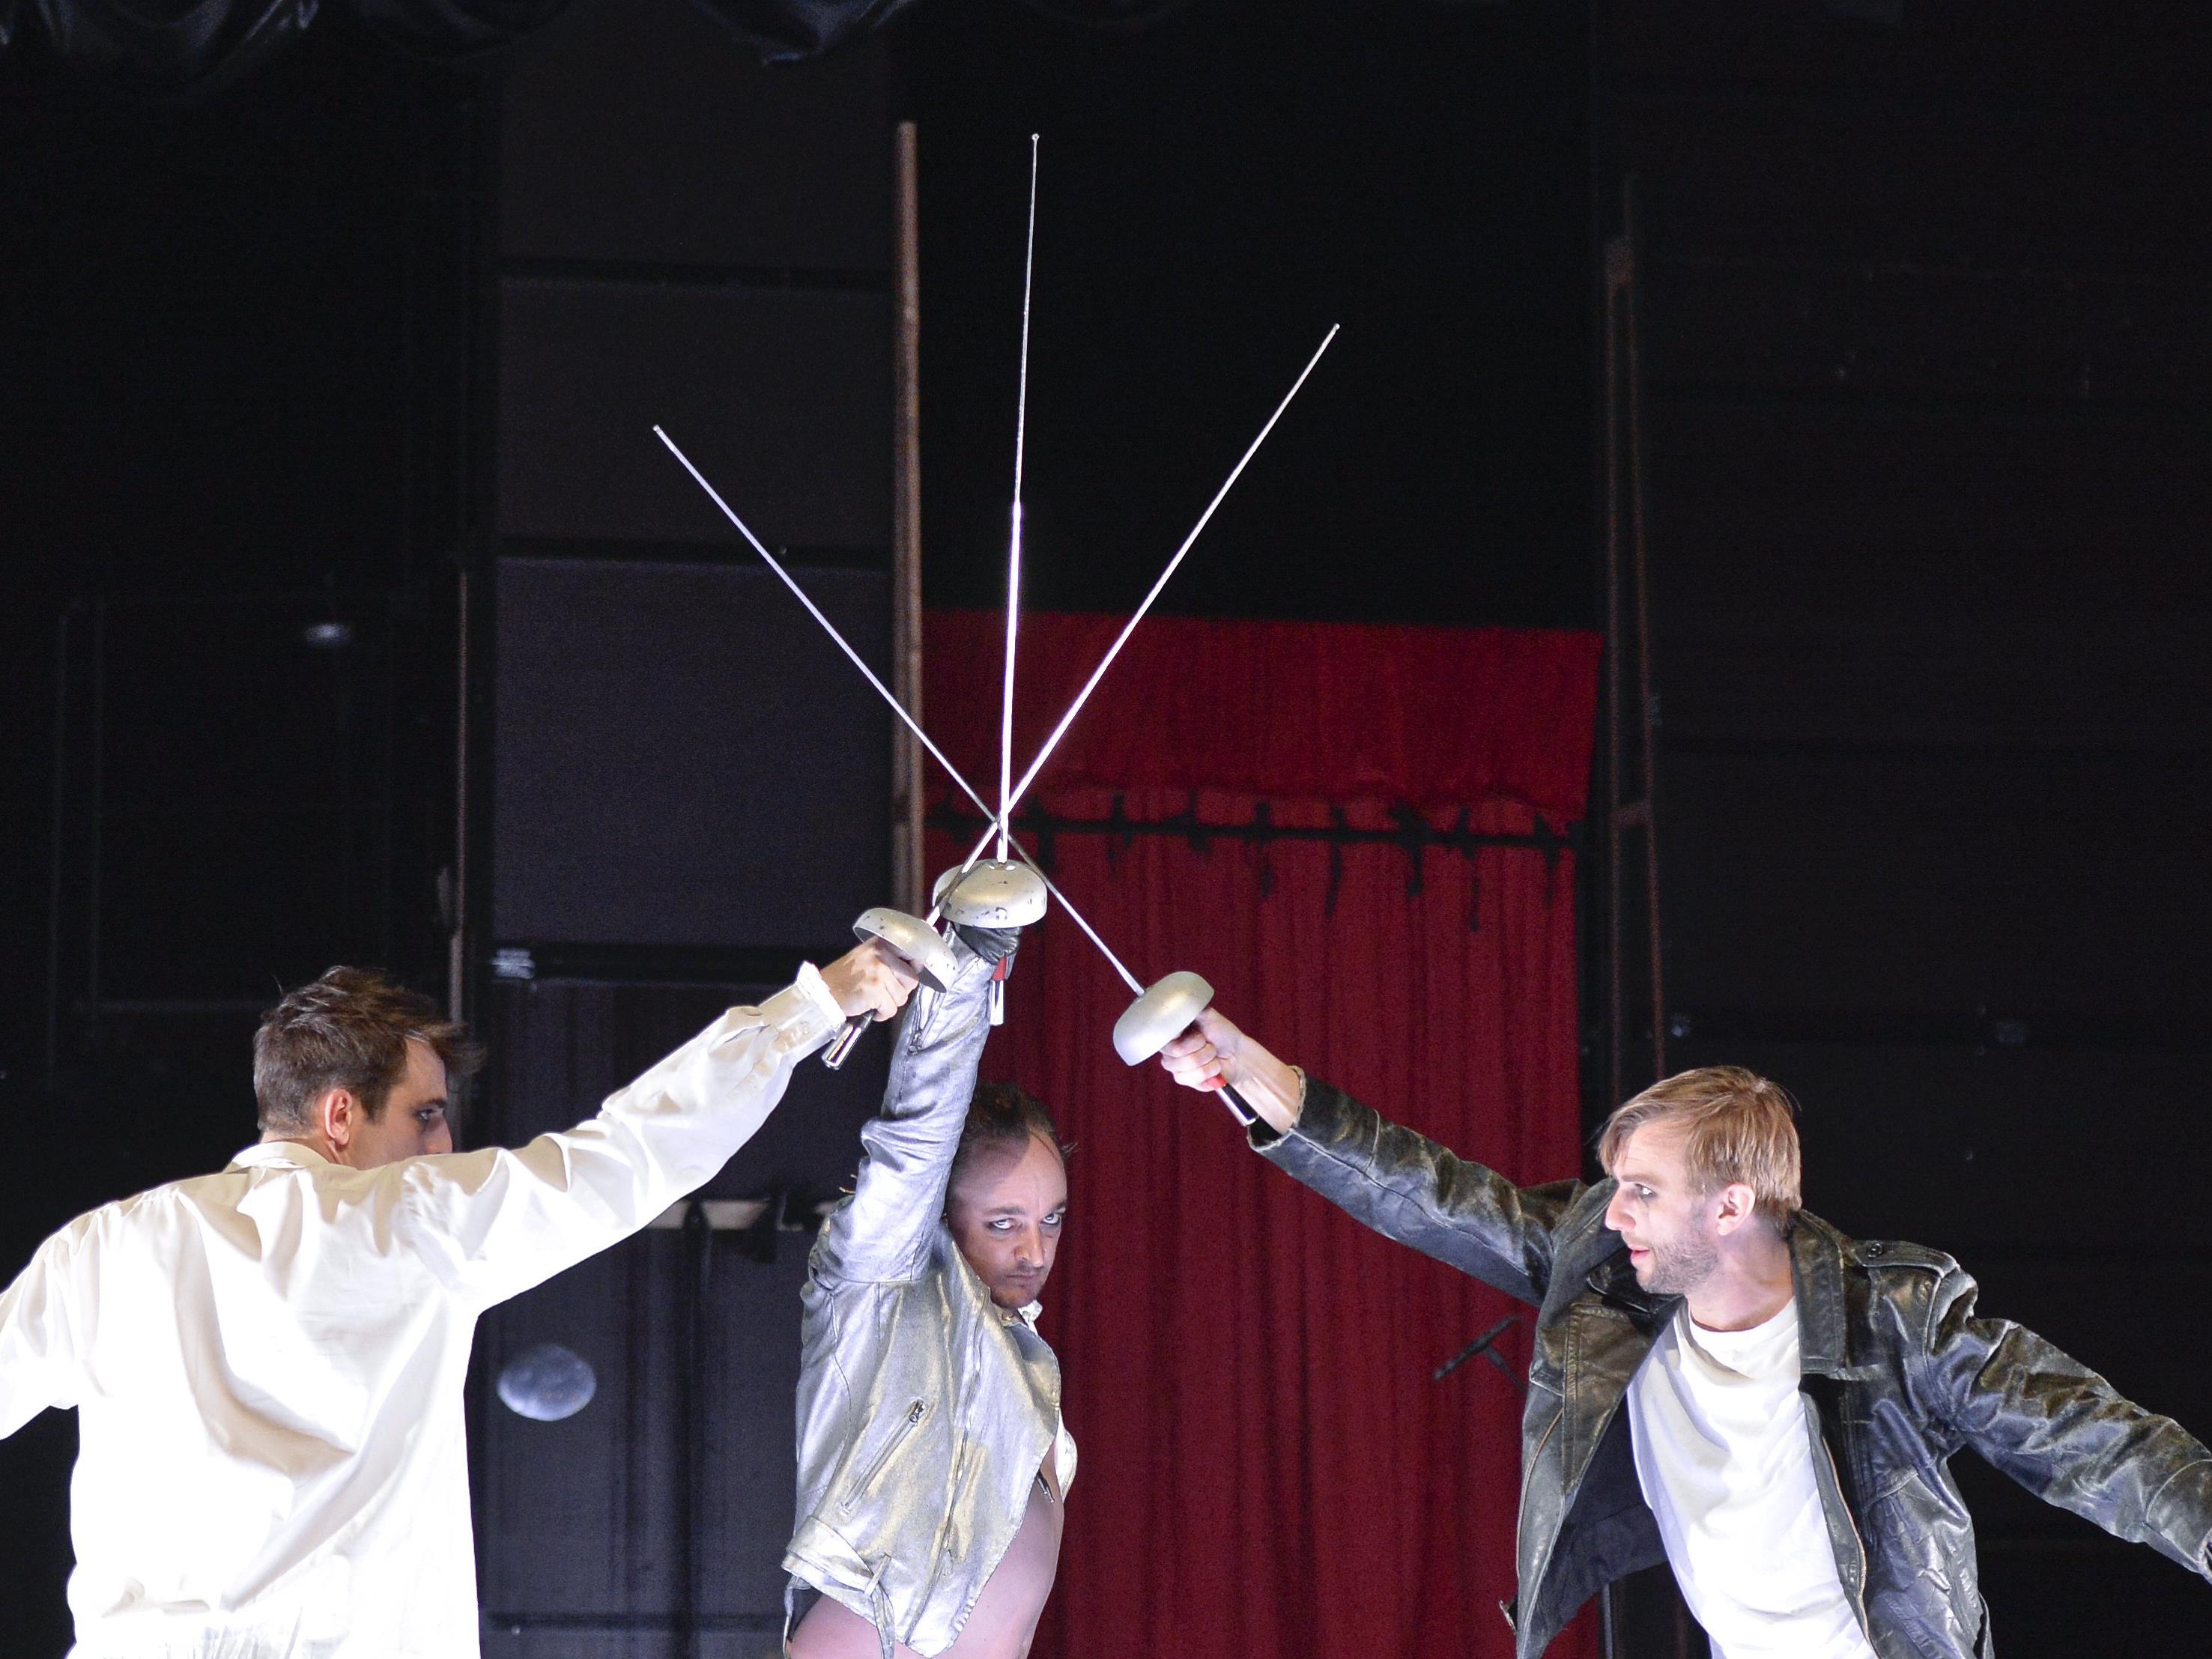 Viel Lärm um nichts gab es am Freitag im Wiener Volkstheater